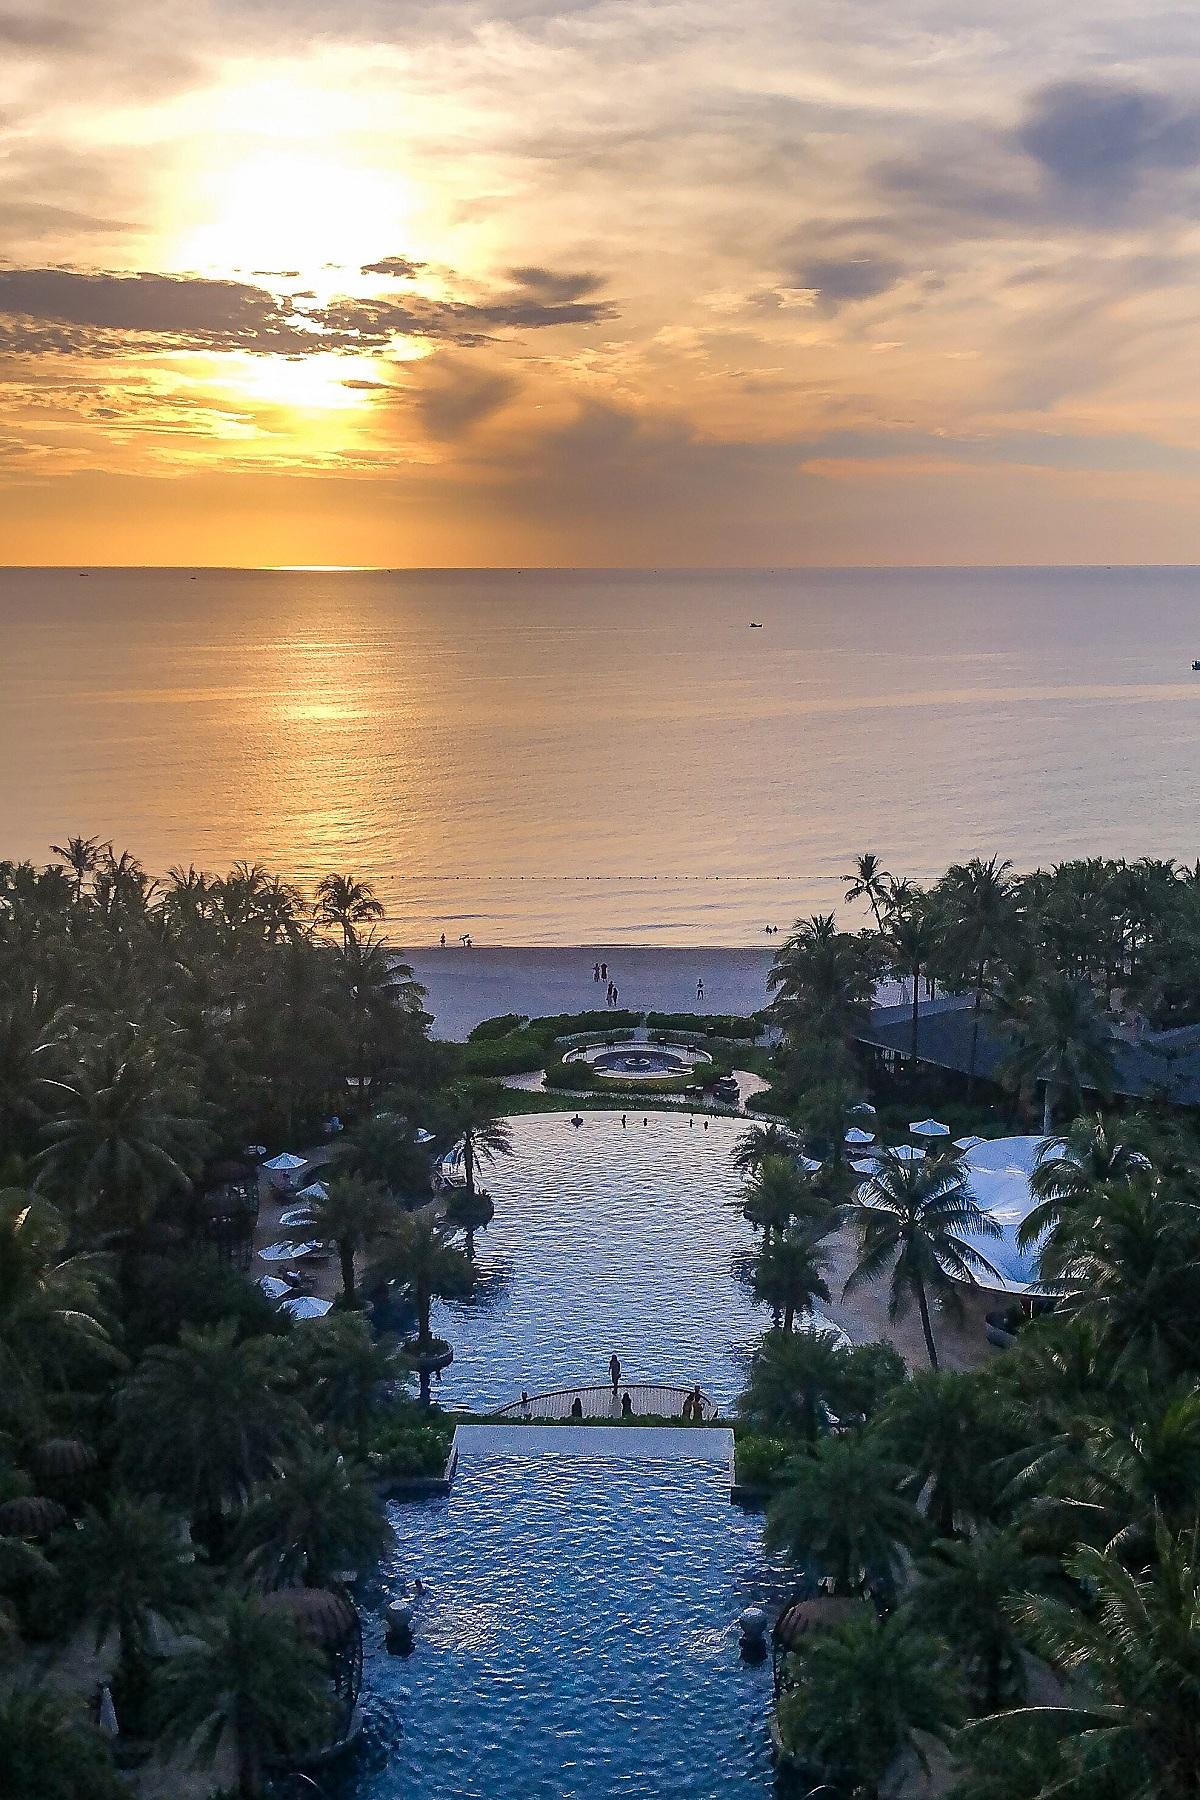 Một trong những trải nghiệm ấn tượng nhất trong chuyến đi lần này với Phan Anh Esheep chính là dịch vụ nghỉ dưỡng tại Intercontinental Long Beach Resort. Cô đánh giá đây chính là một trong những trải nghiệm đáng giá tại Phú Quốc: Phòng nghỉ tuyệt đẹp từ trên cao nhìn thẳng ra mặt biển lấp lánh và có thể ngắm hoàng hồn biển từ trên cao, kiến trúc thông minh khi tôi có thể cùng lúc ngắm cả biến và những rặng núi xanh nguyên sinh ngay tại phòng. Dịch vụ sang trọng hoàn hảo, chỉn chu. Ẩm thực nâng tầm nguyên liệu địa phương lên cấp độ sang trọng và đẳng cấp.